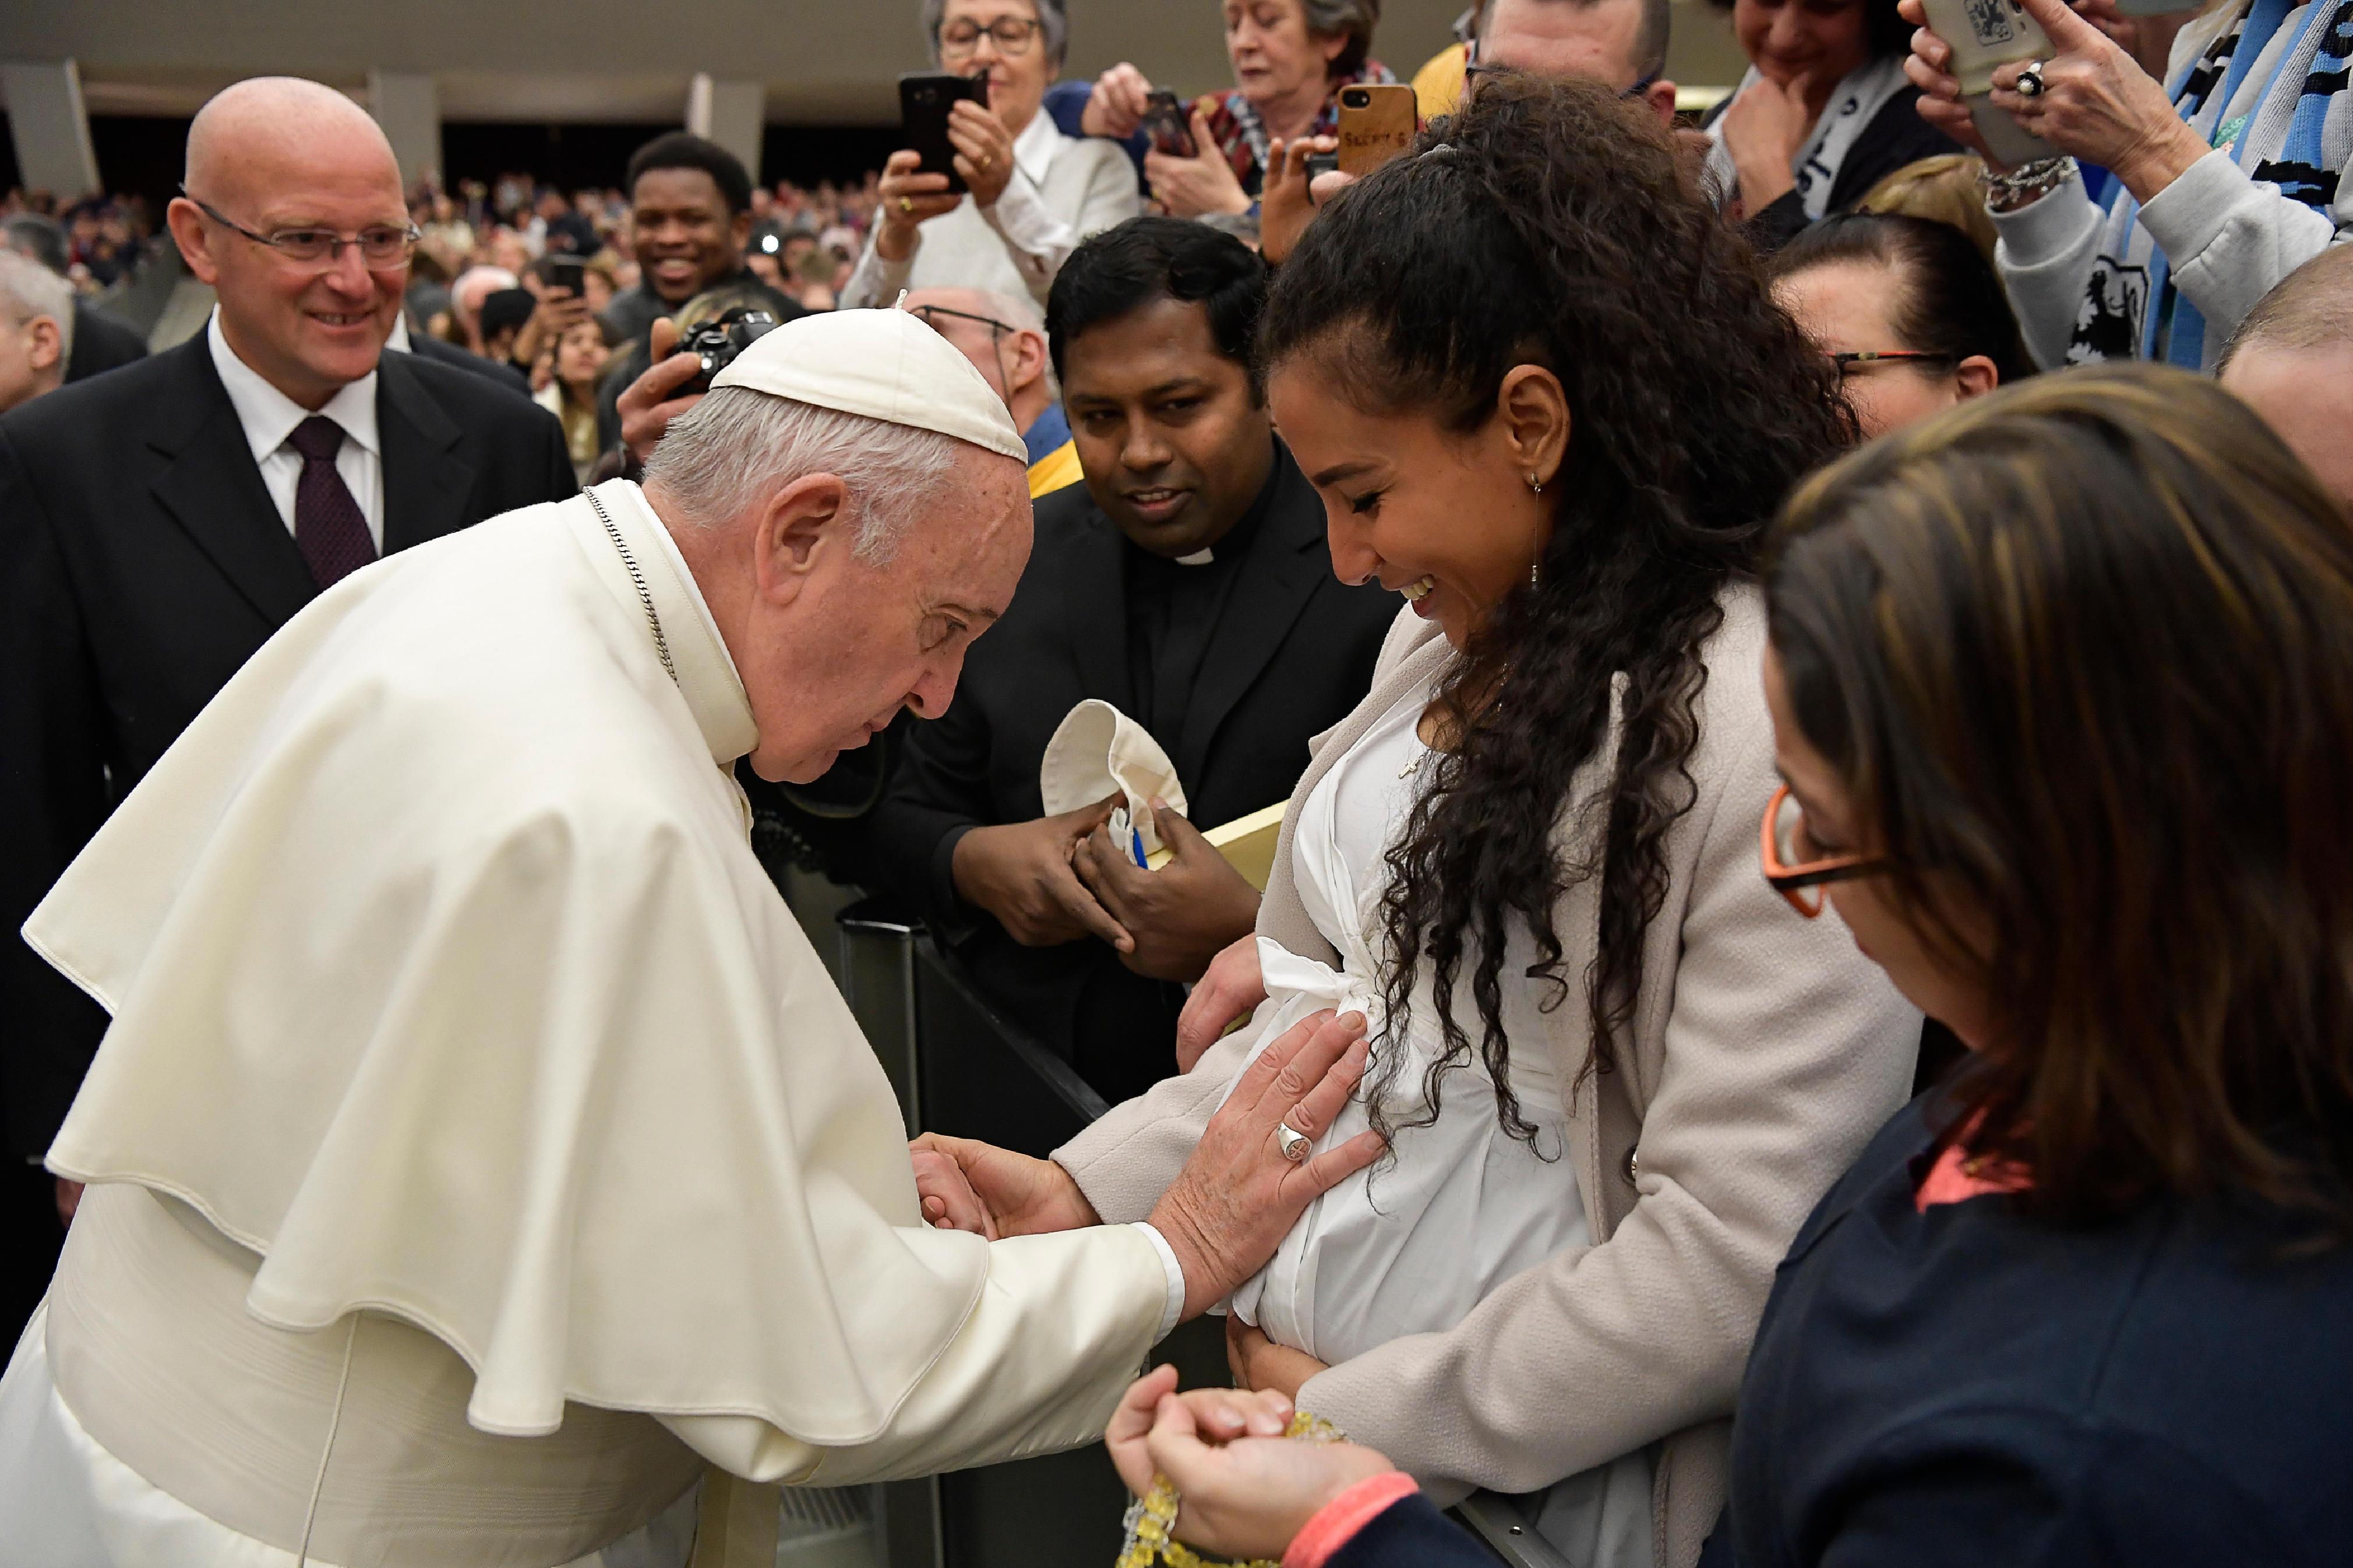 El Papa bendice el vientre de una embarazada © Vatican Media